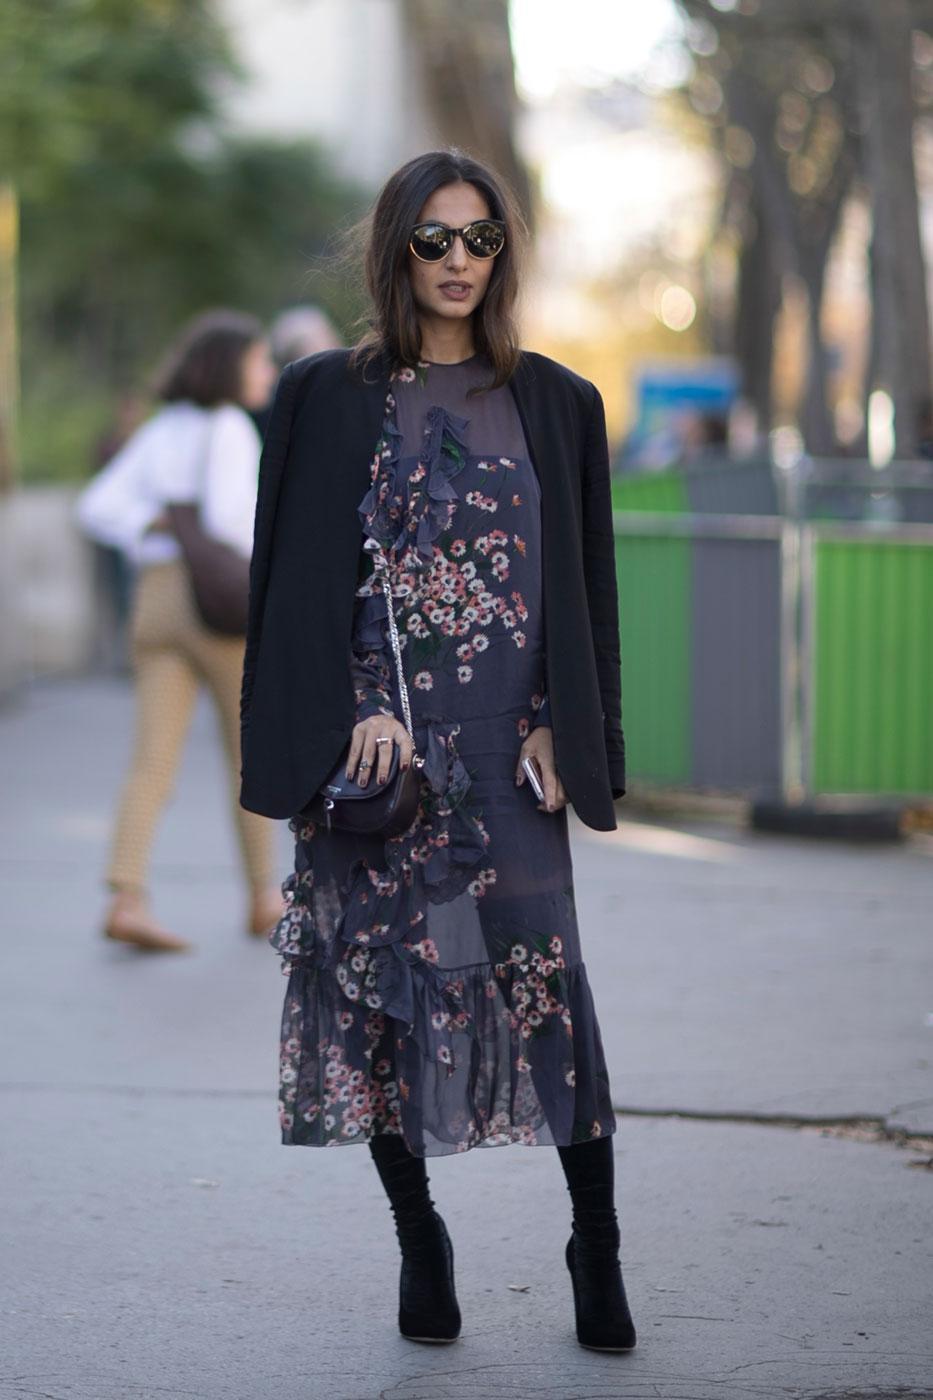 Sehr Bottes : comment les associer à une jupe ? - Madame Figaro PI24